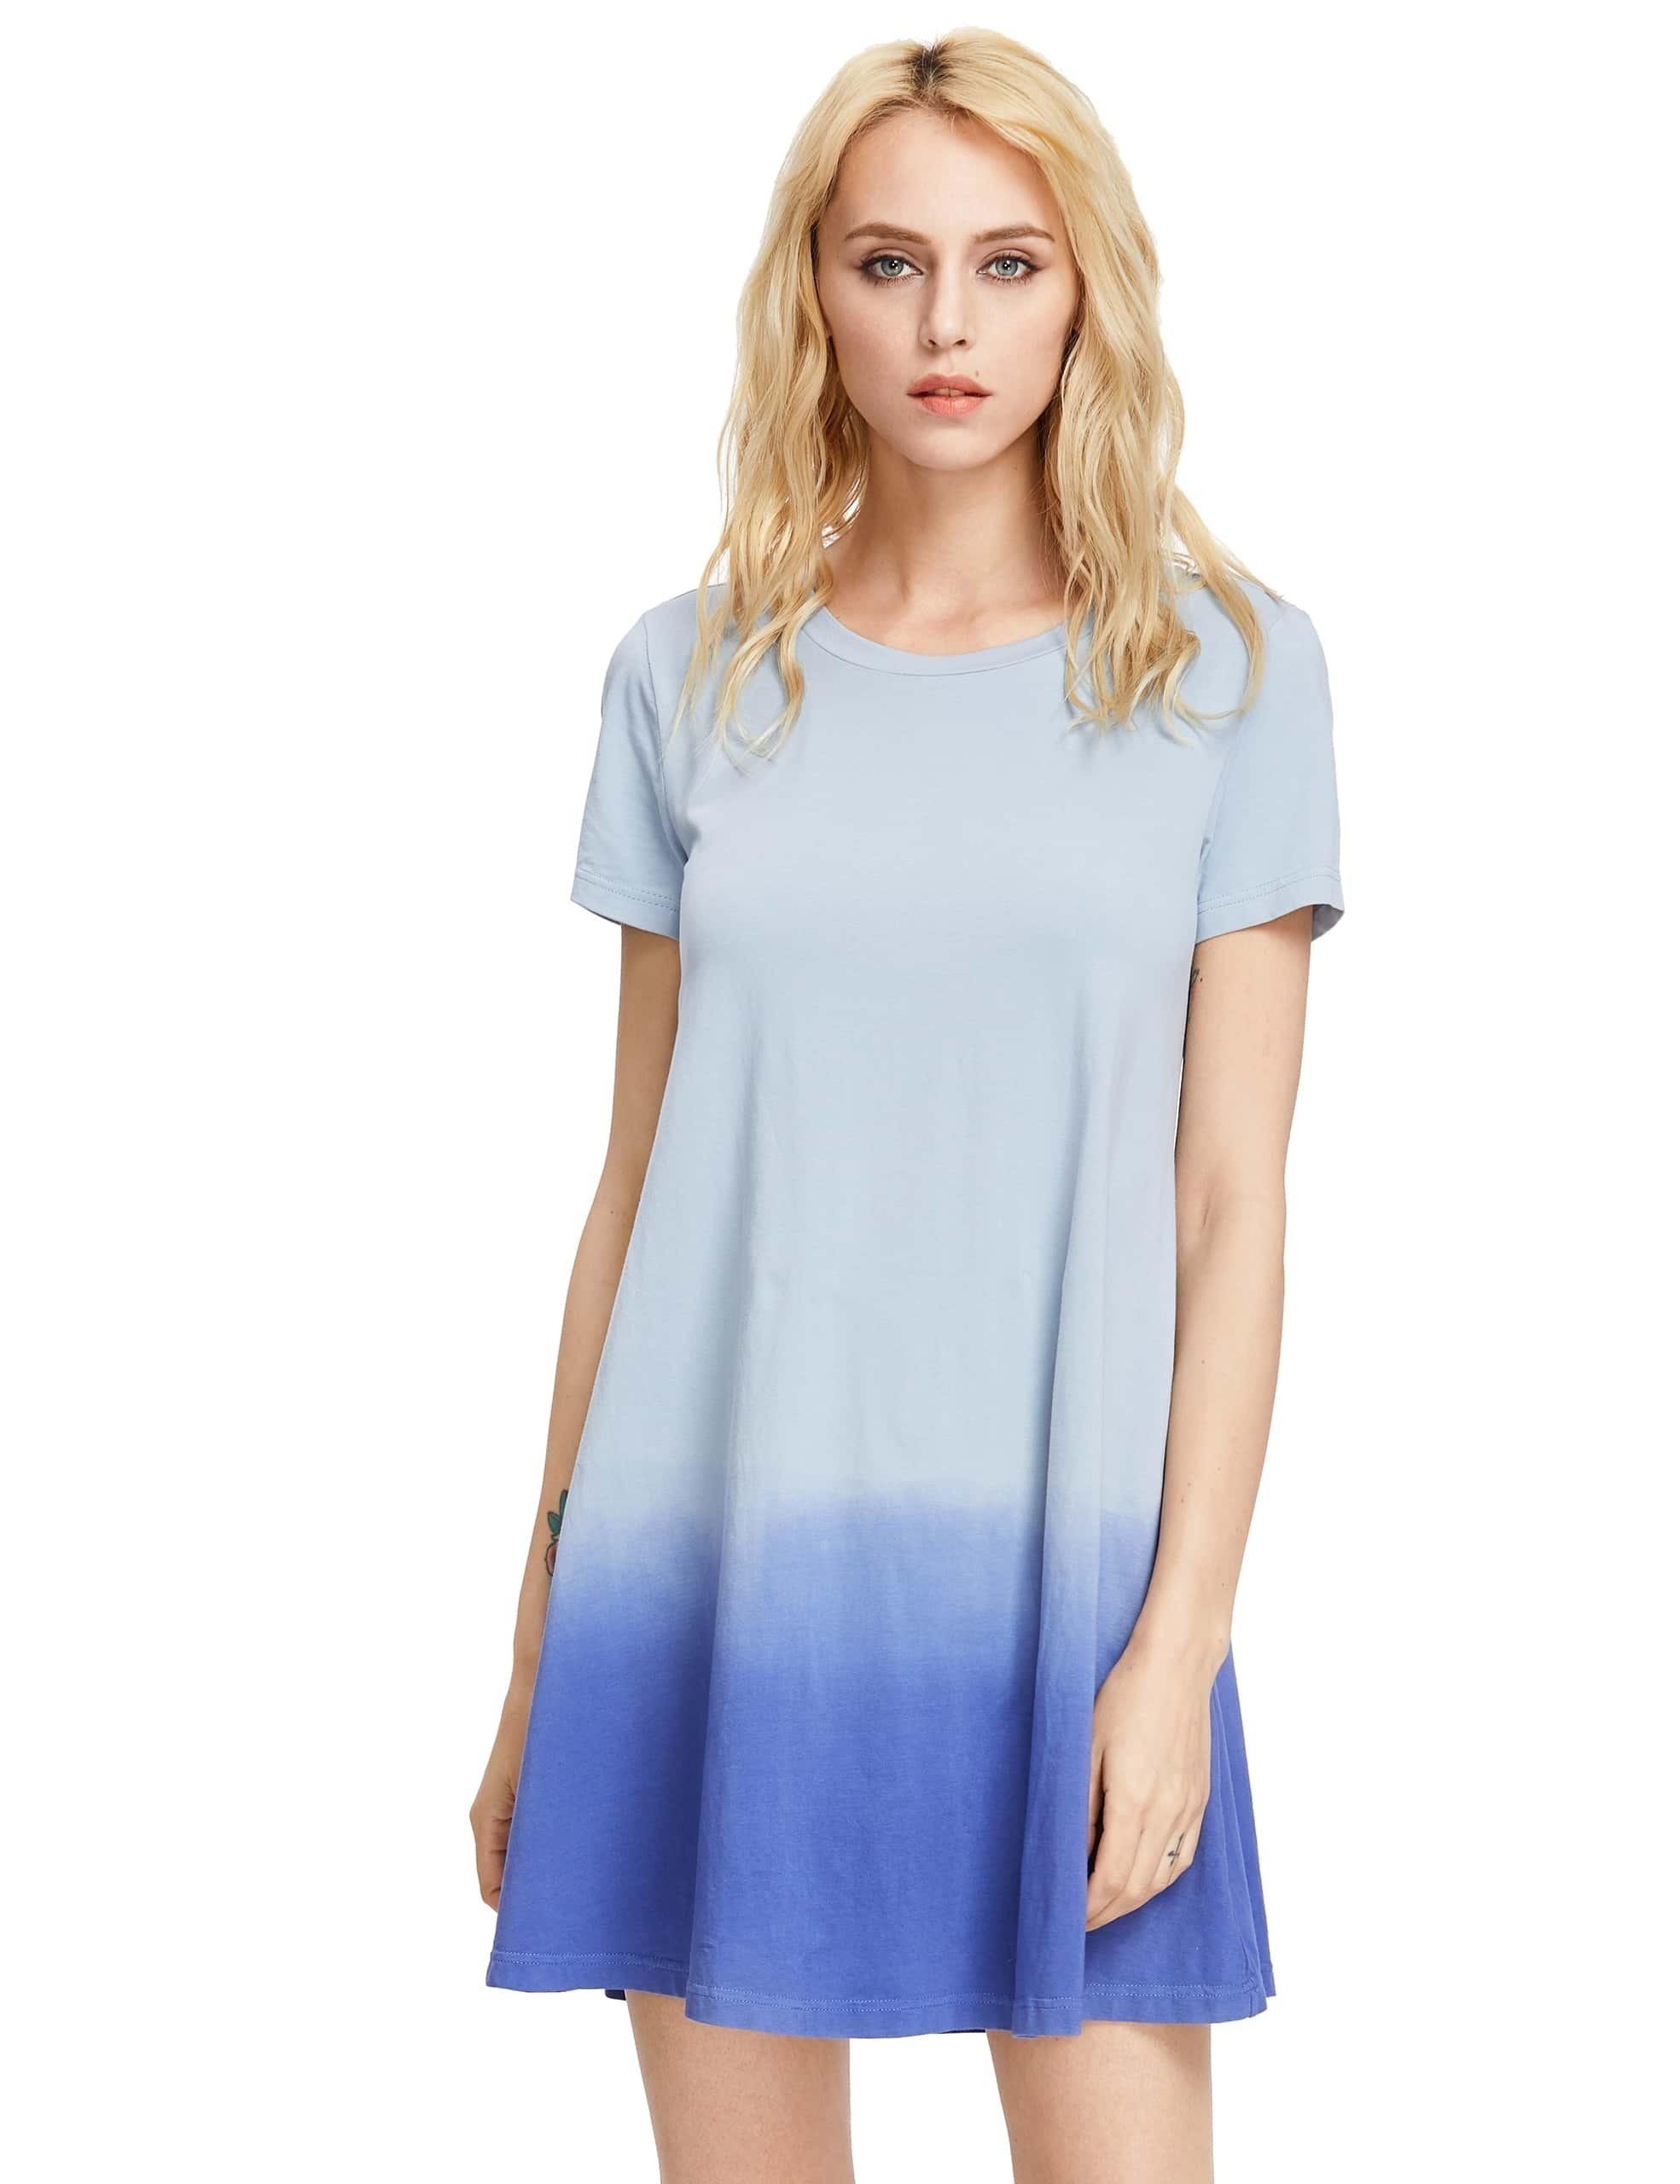 Short sleeve dress shirt fashion 76